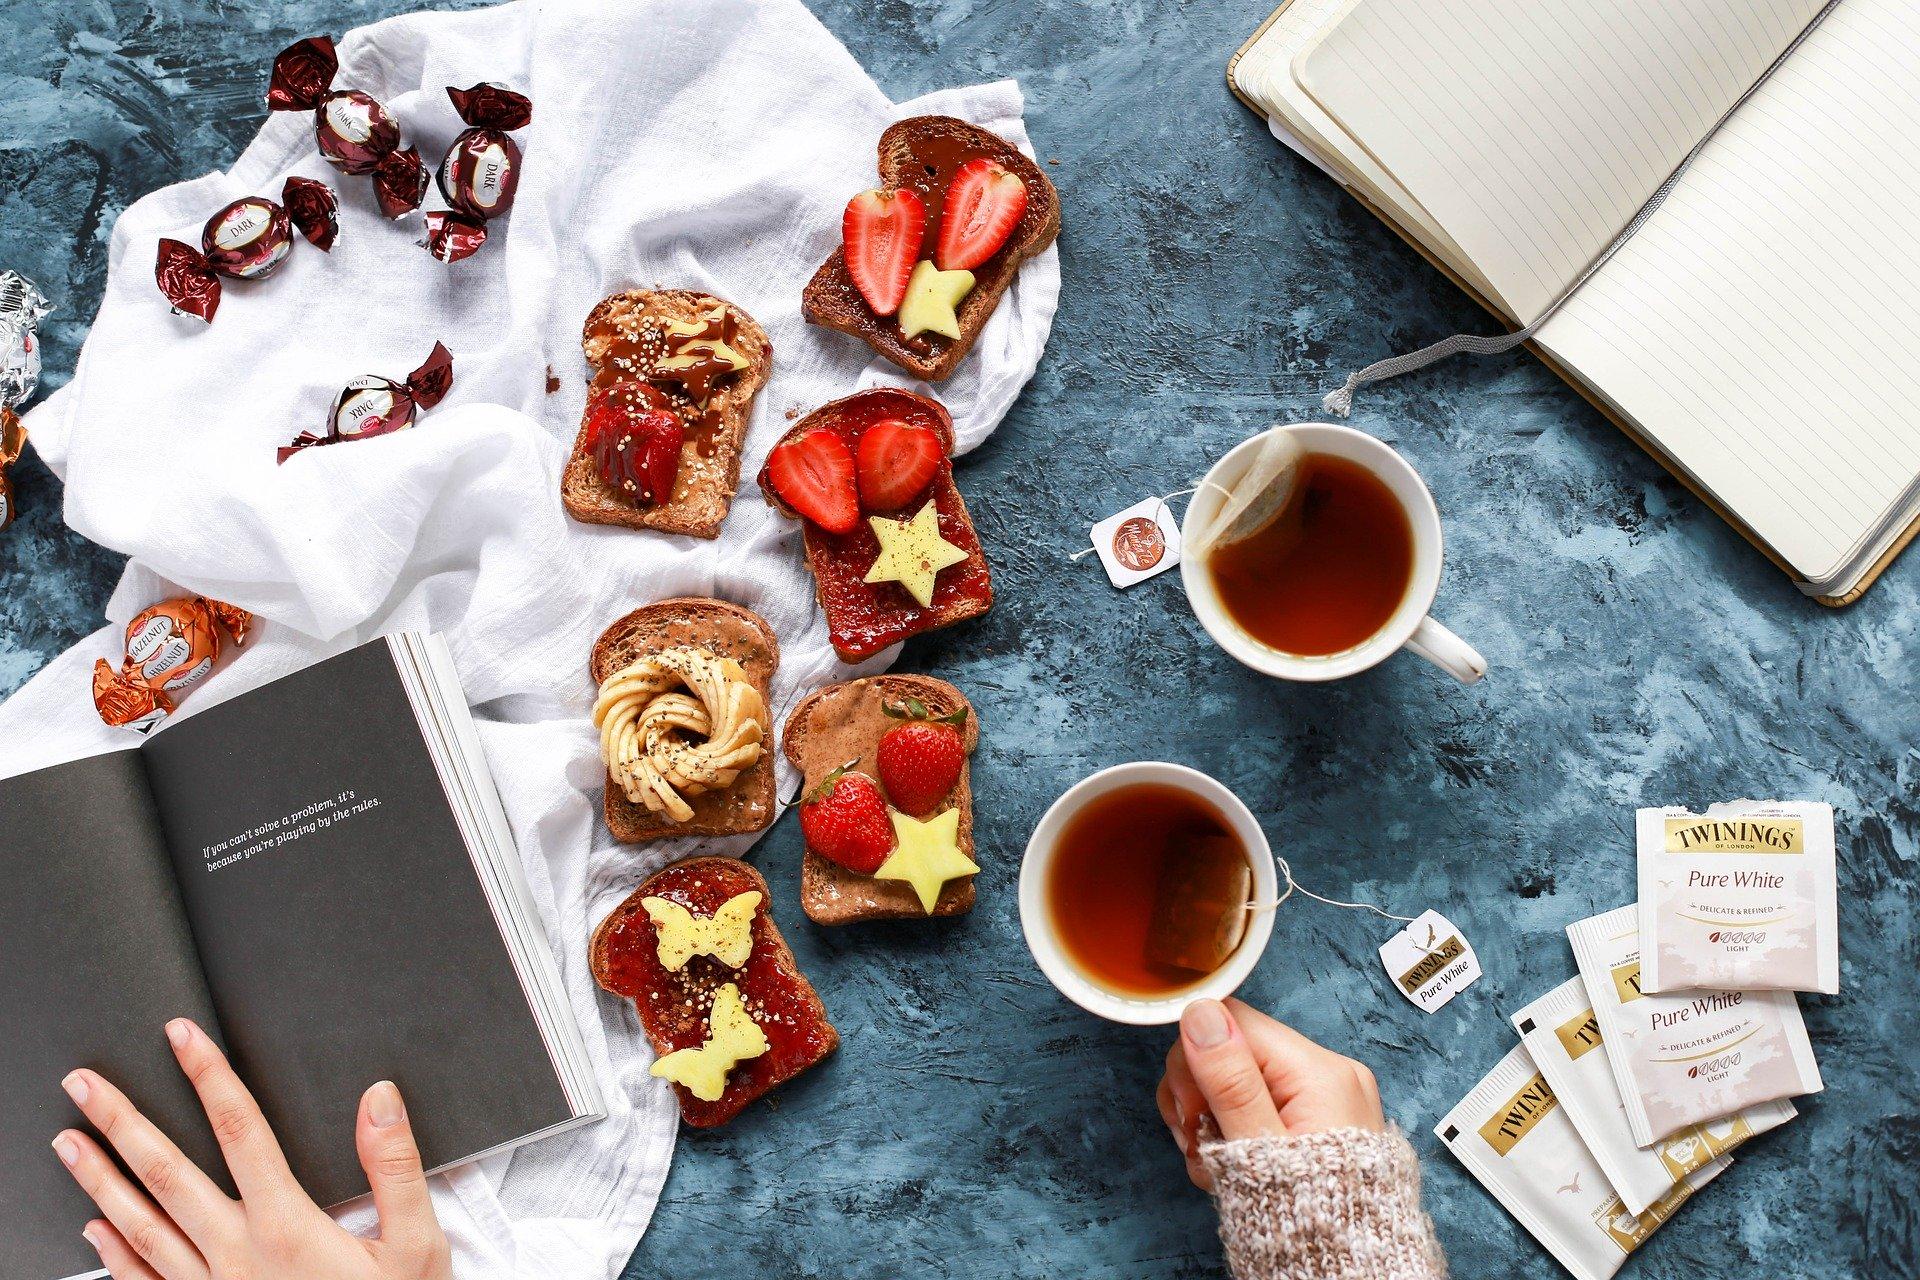 Yemek Blogu Nasıl Açılır?